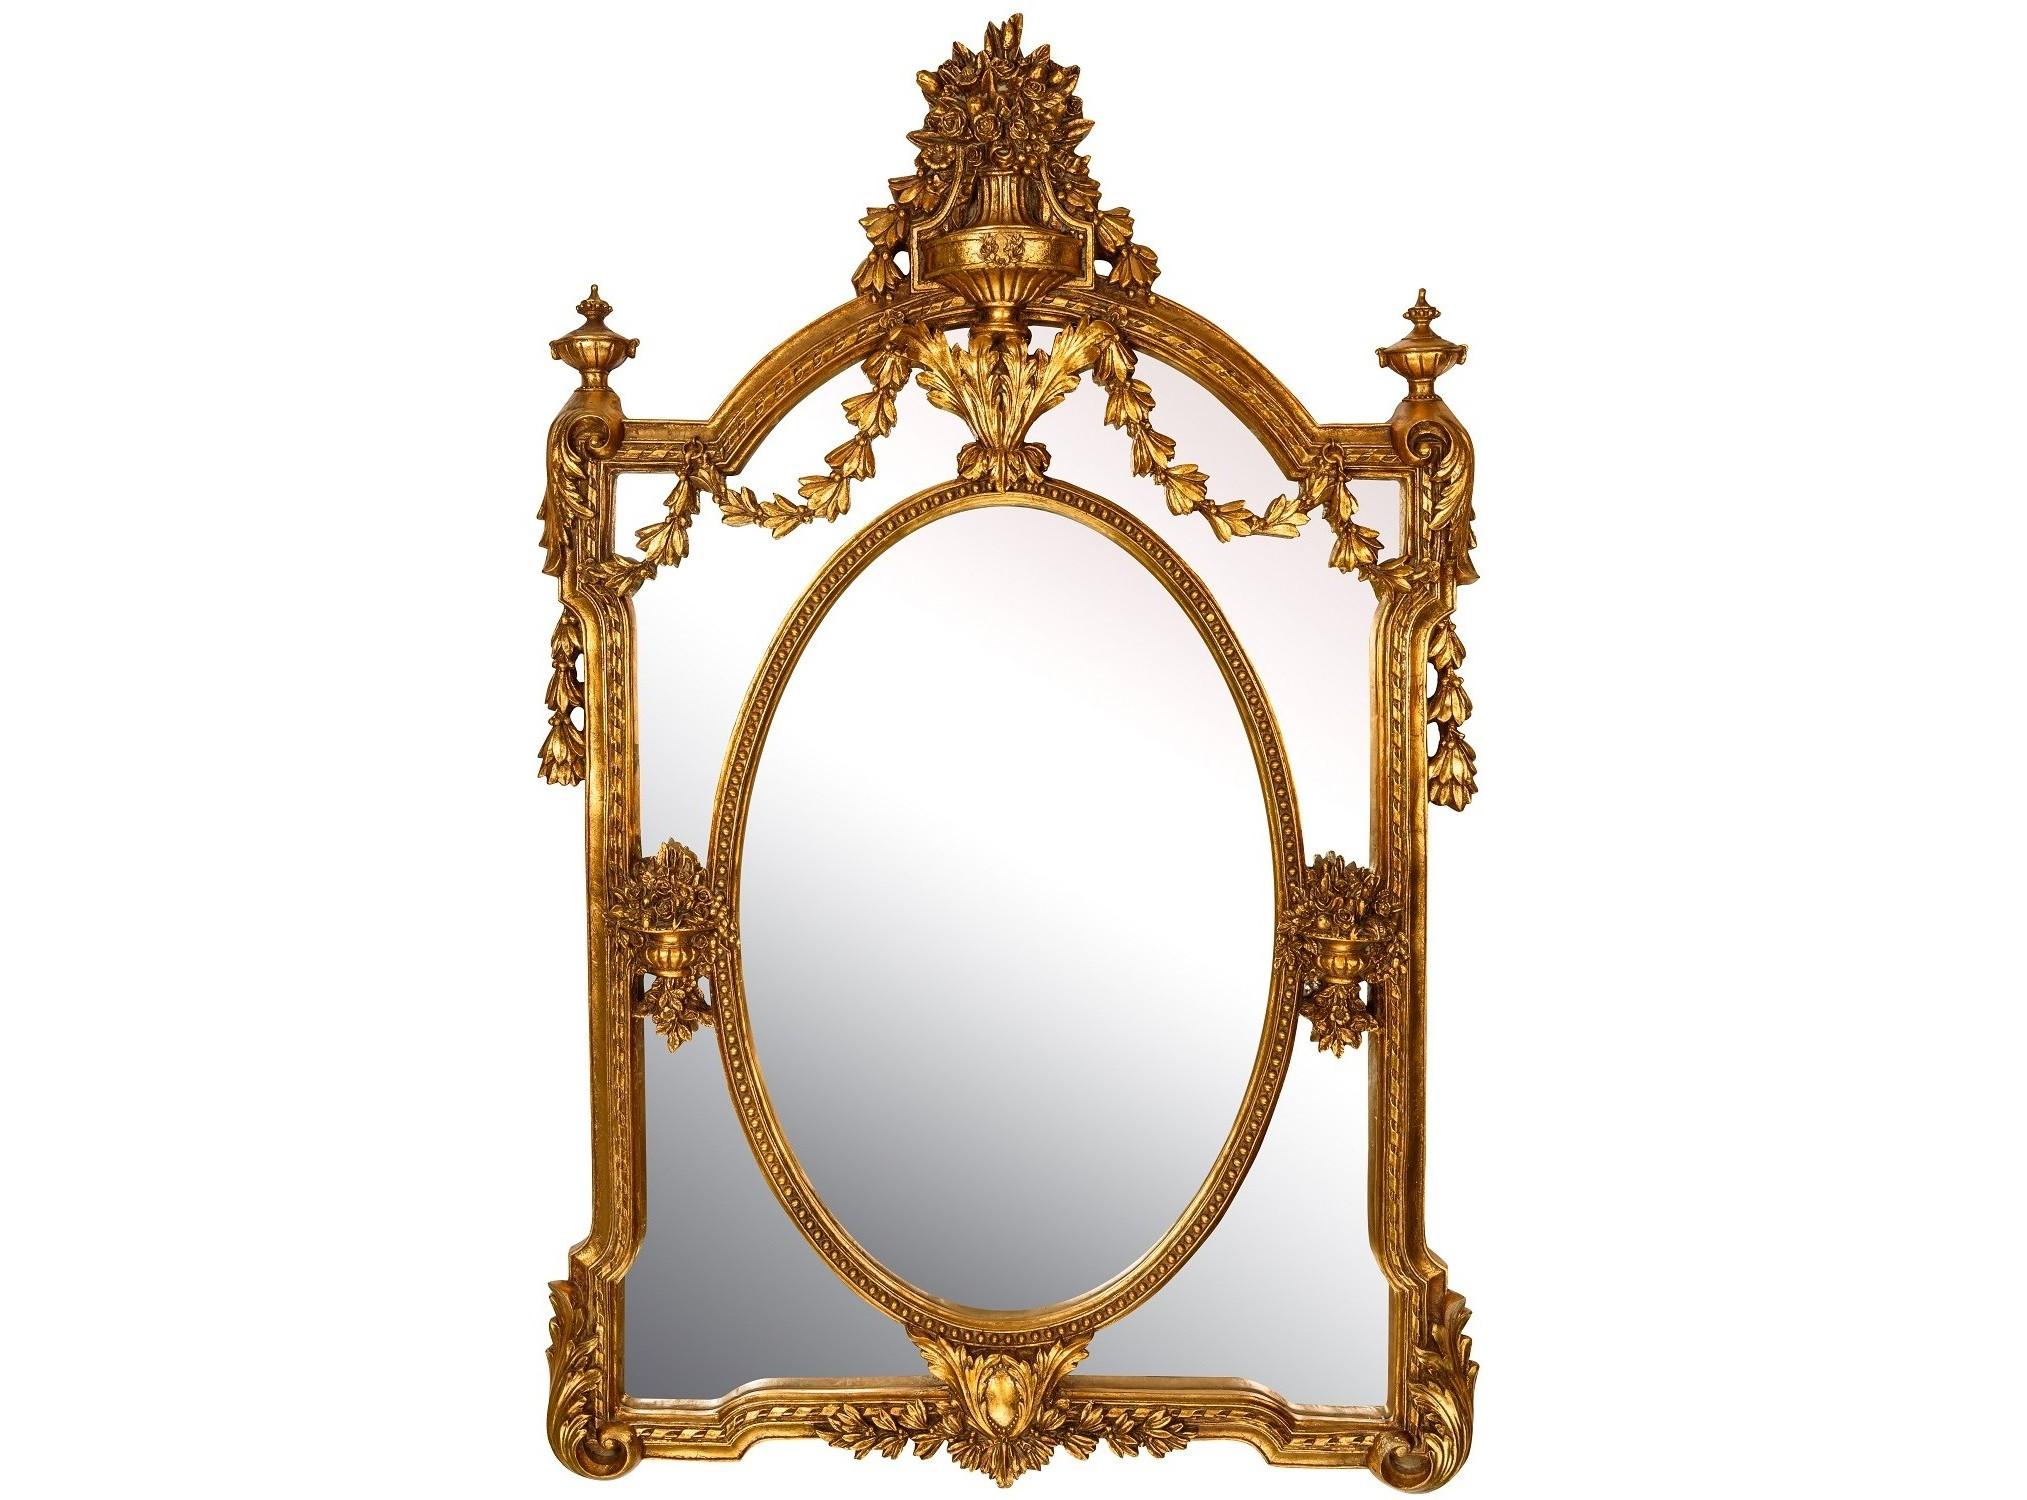 Зеркало GardenНастенные зеркала<br><br><br>Material: Полирезин<br>Width см: 87<br>Depth см: 12<br>Height см: 135